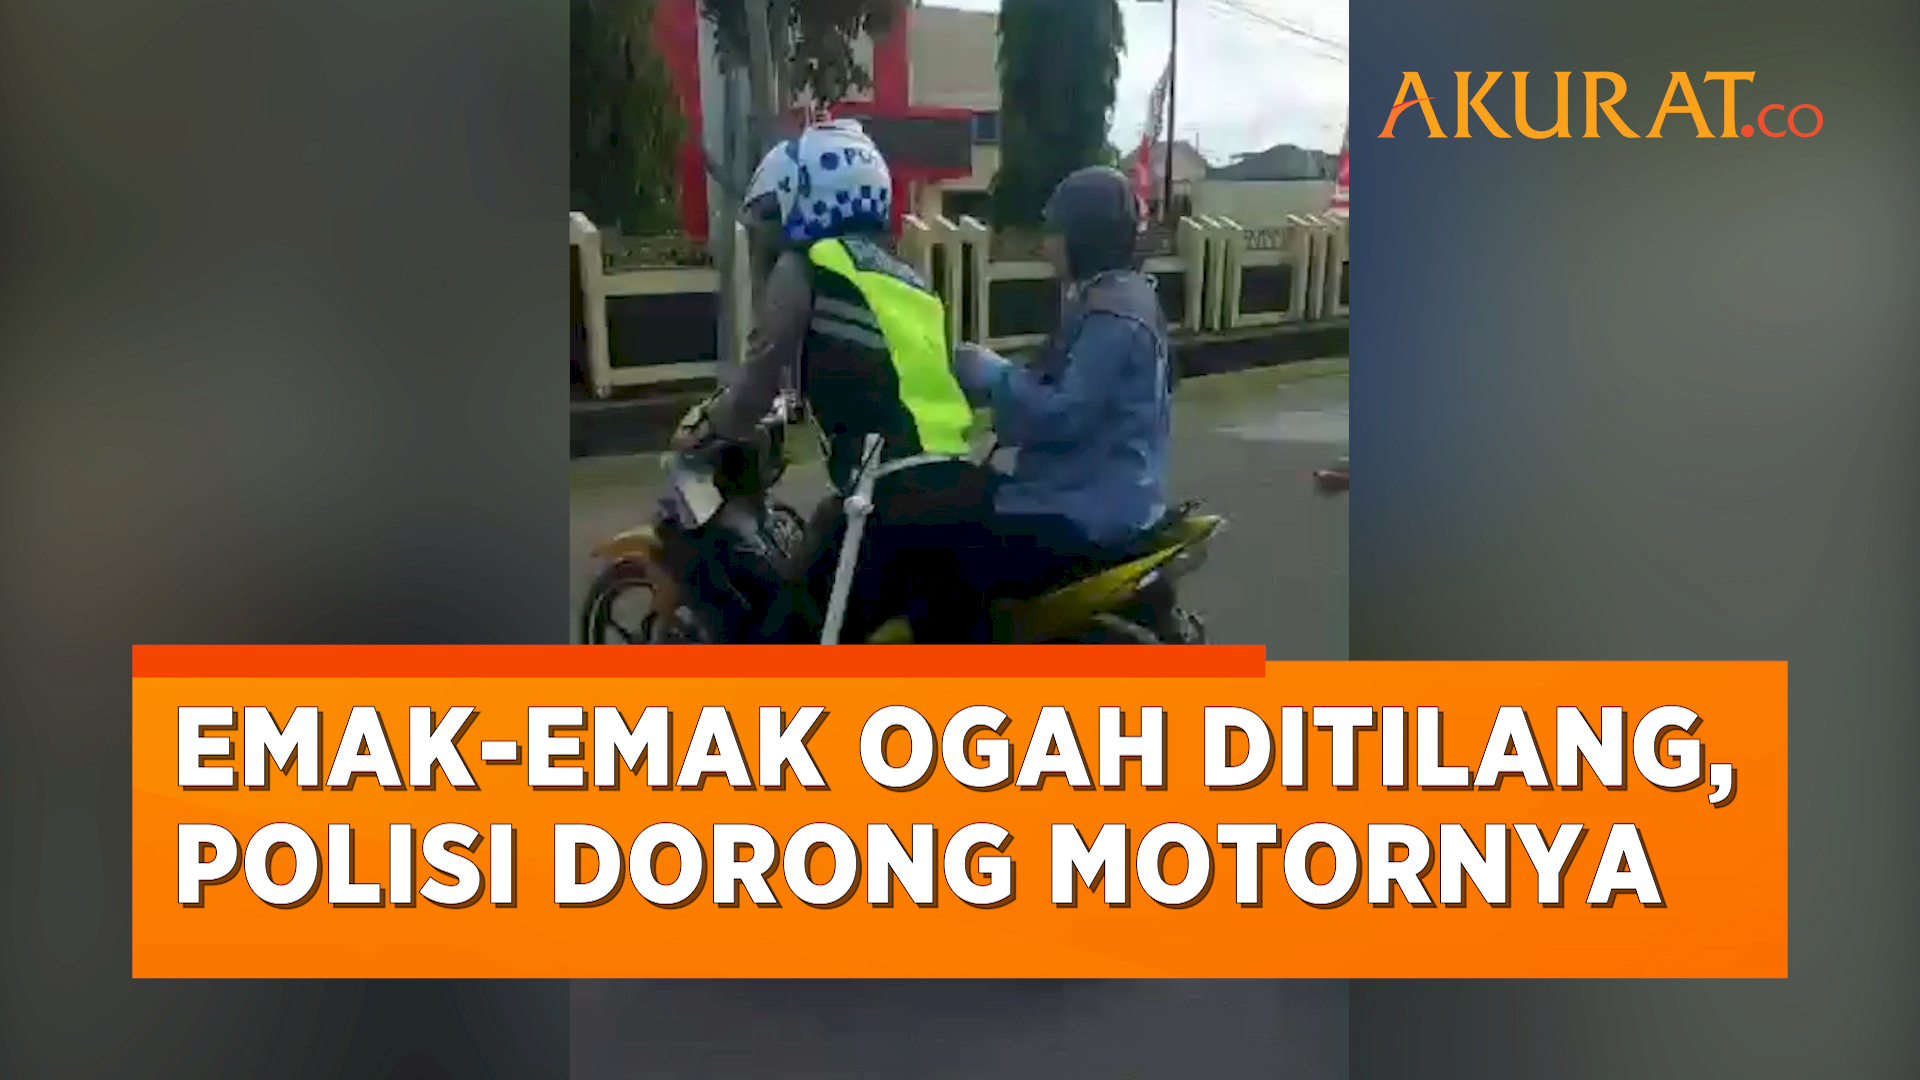 Ogah Ditilang, Emak-Emak Ini Tak Mau Turun dari Motor Sampai Harus Didorong Polisi